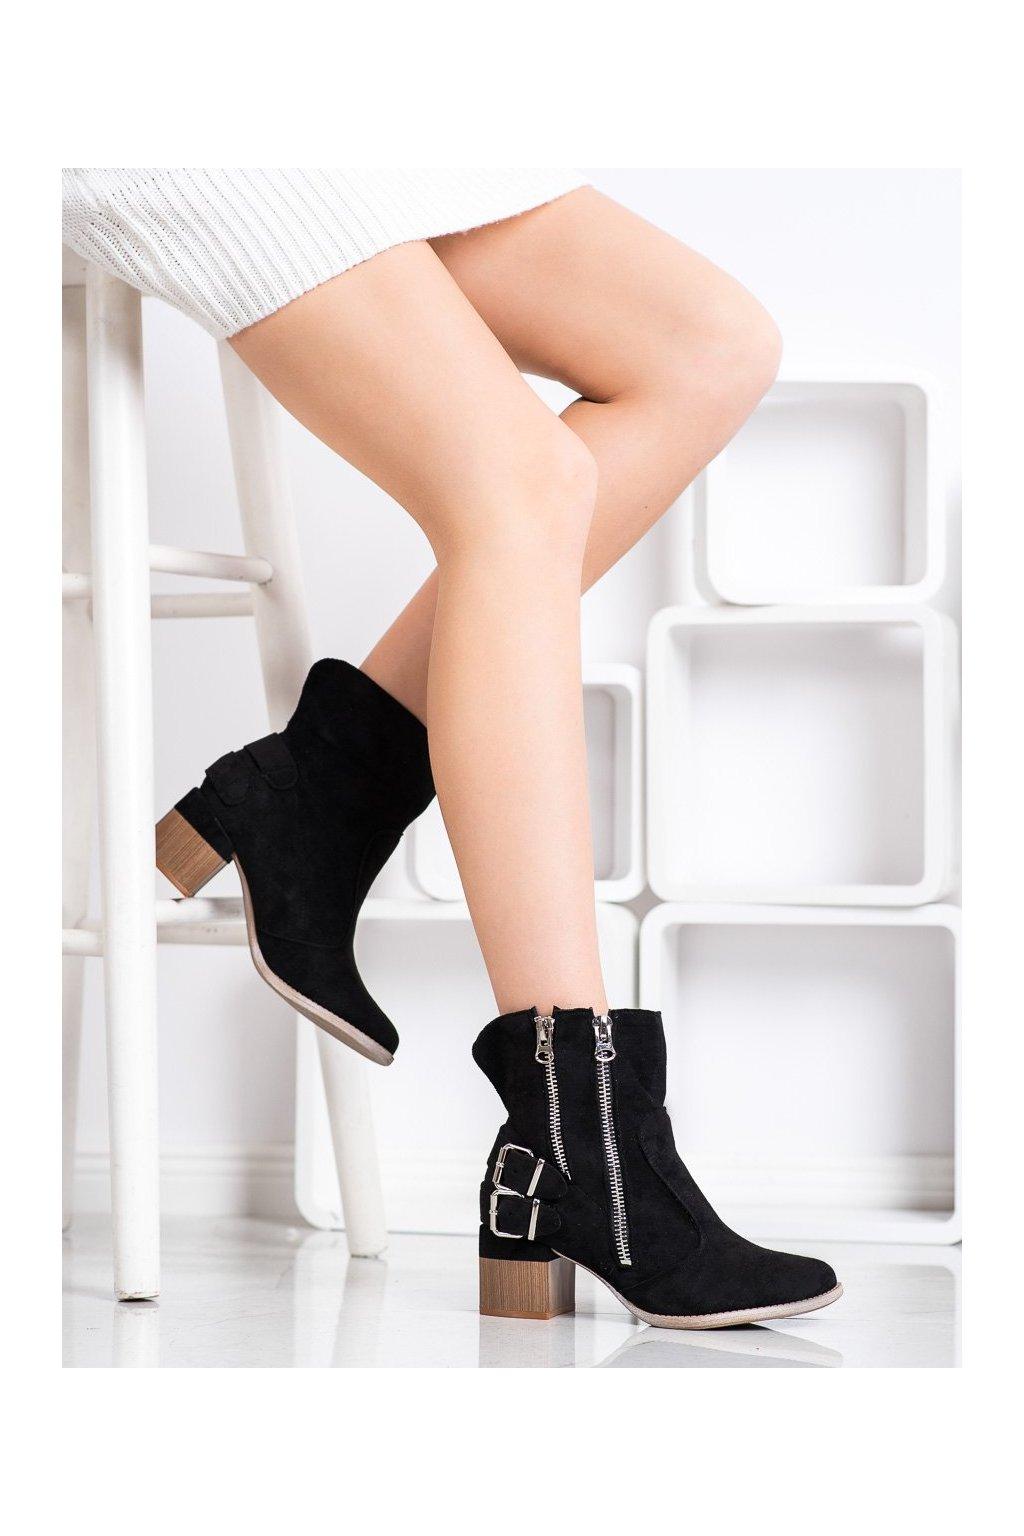 Čierne dámske topánky Bella paris kod A6110B